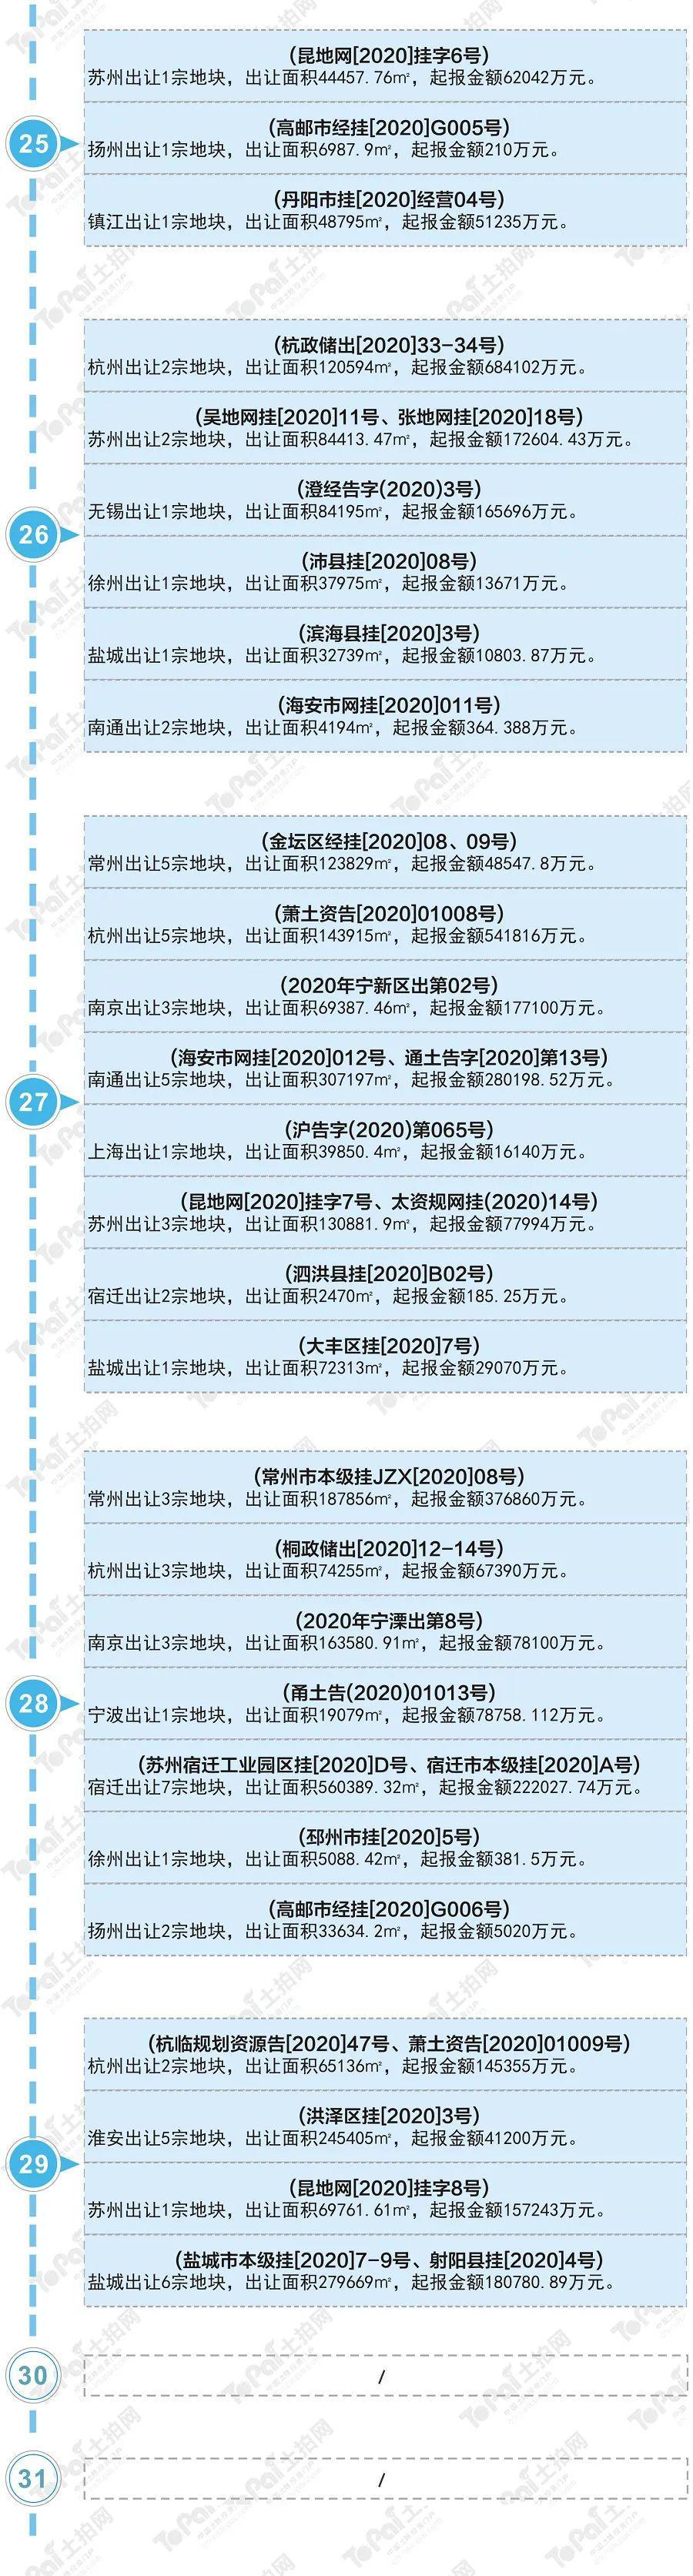 【土拍月历】土拍网重点监测城市5月土拍日历一览